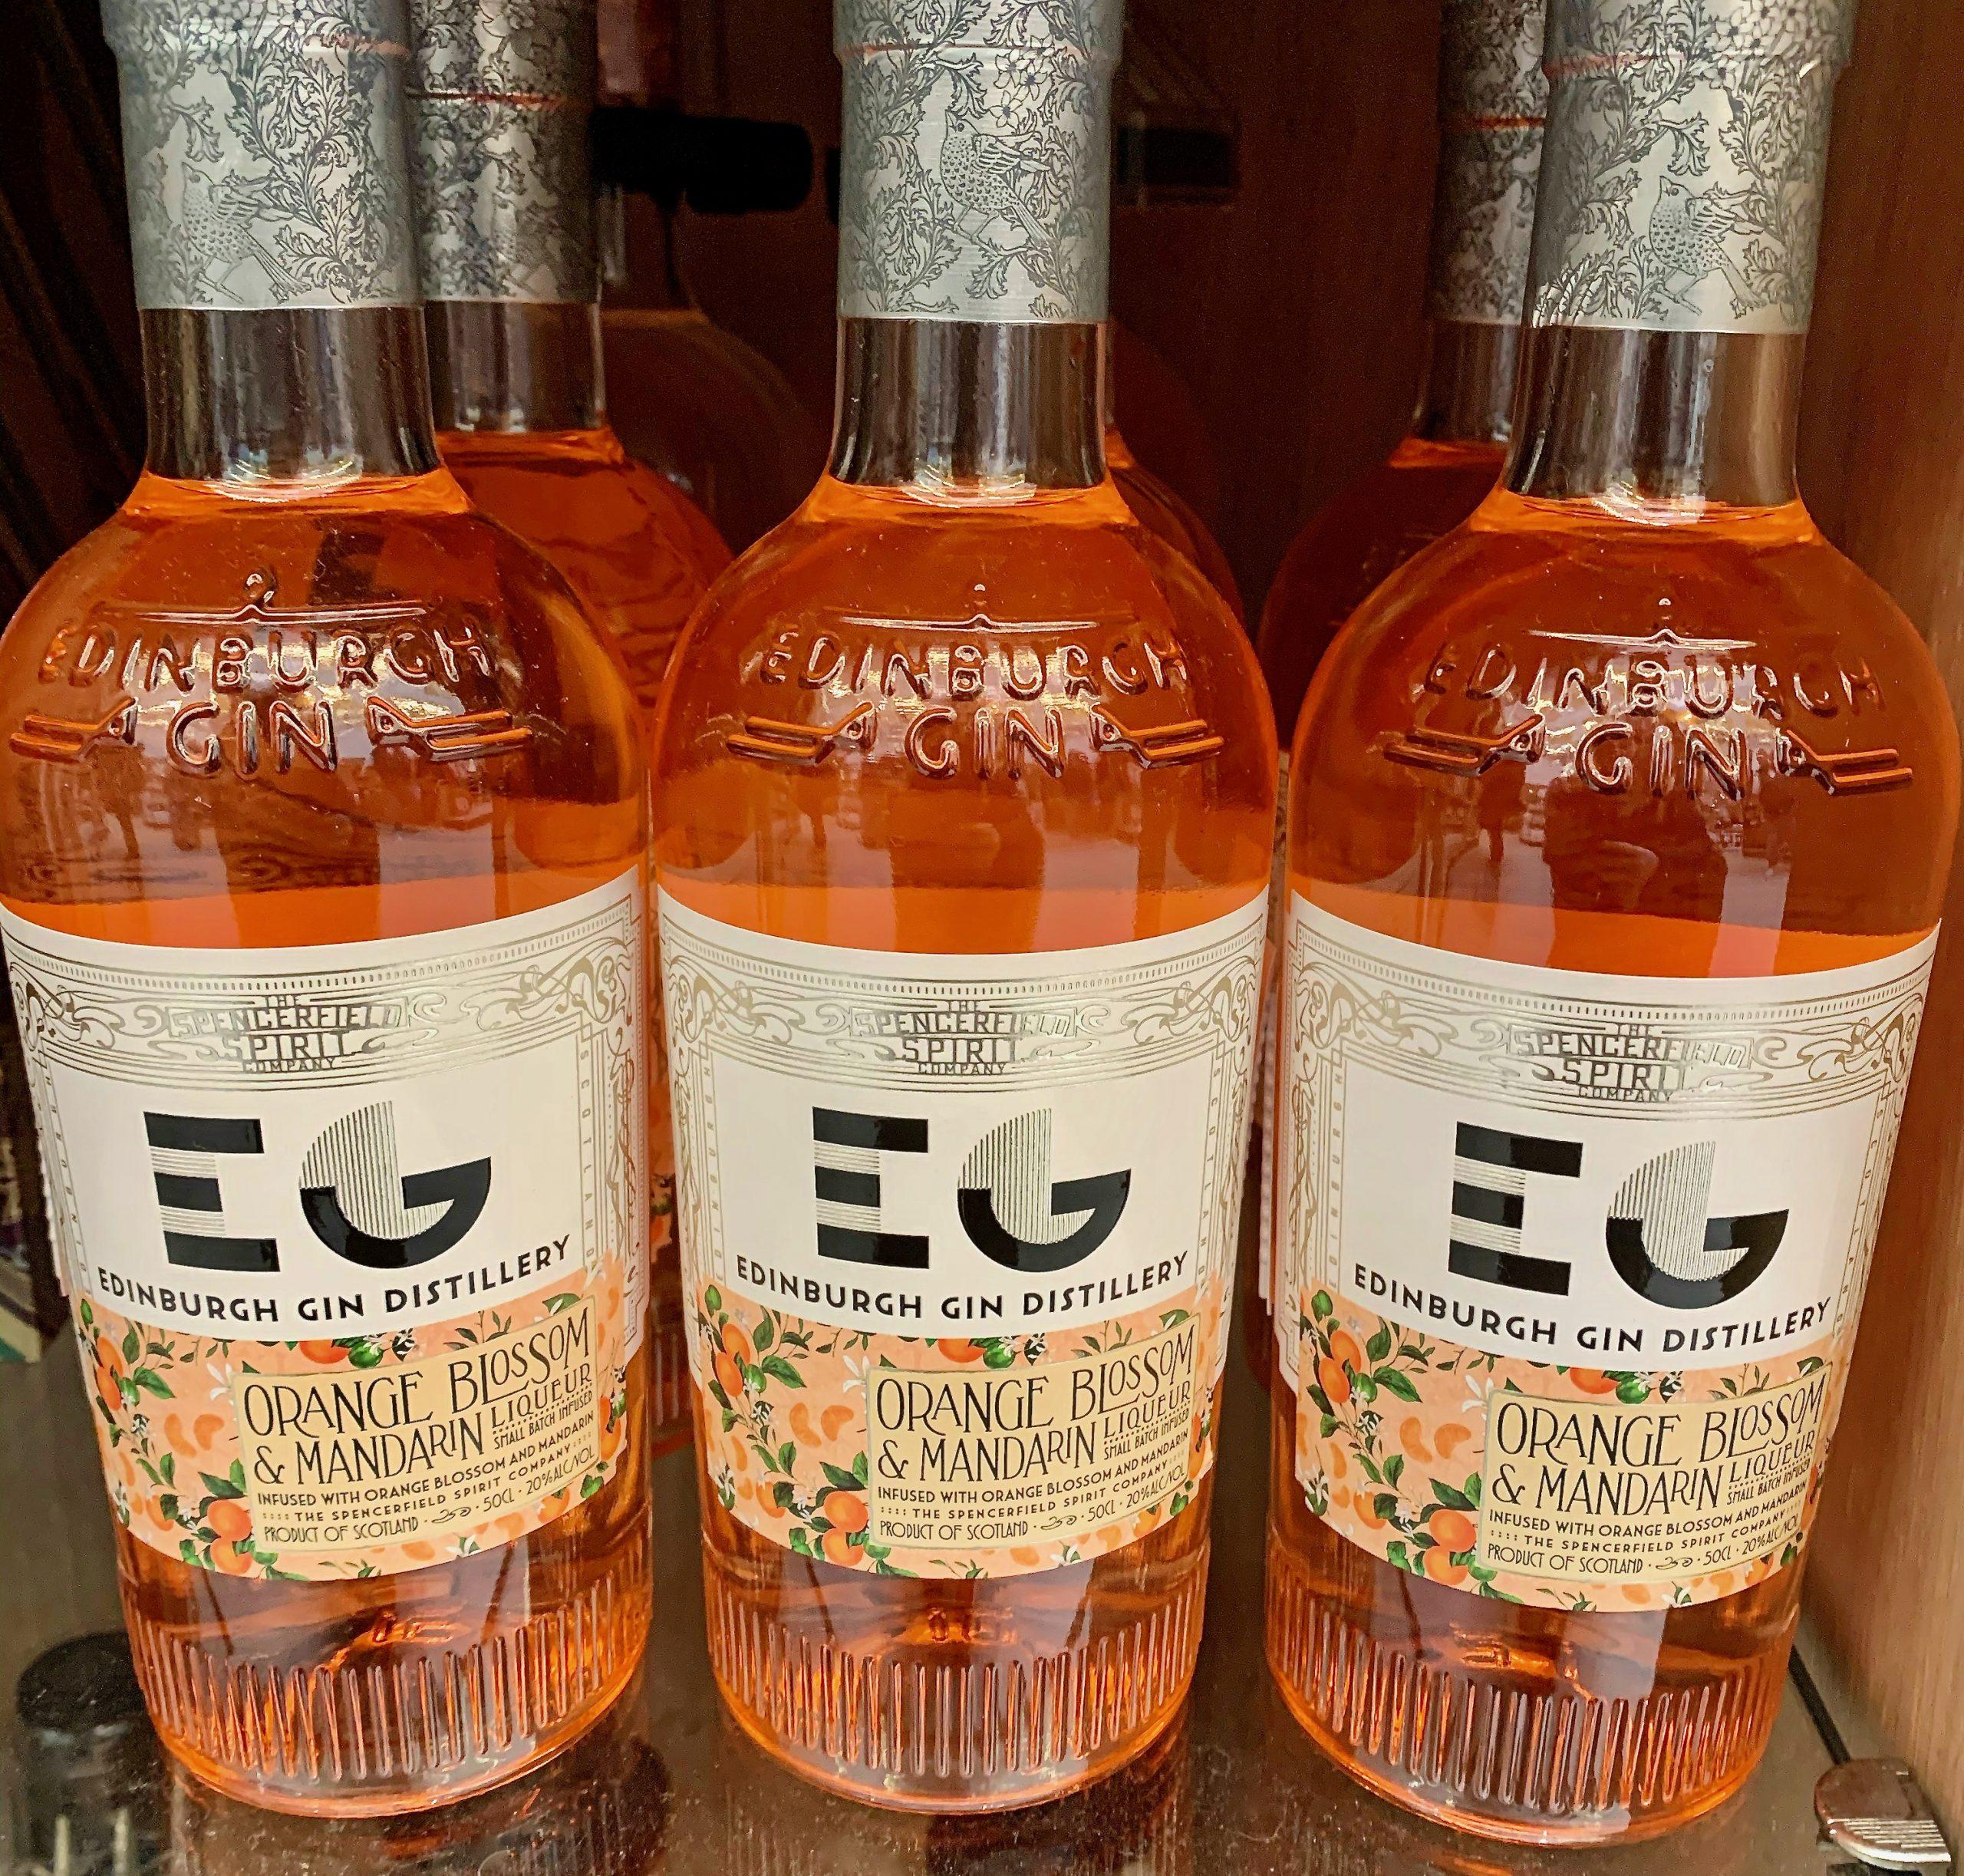 Edinburgh Gin Orange Blossom and Mandarin Gin Liqueur